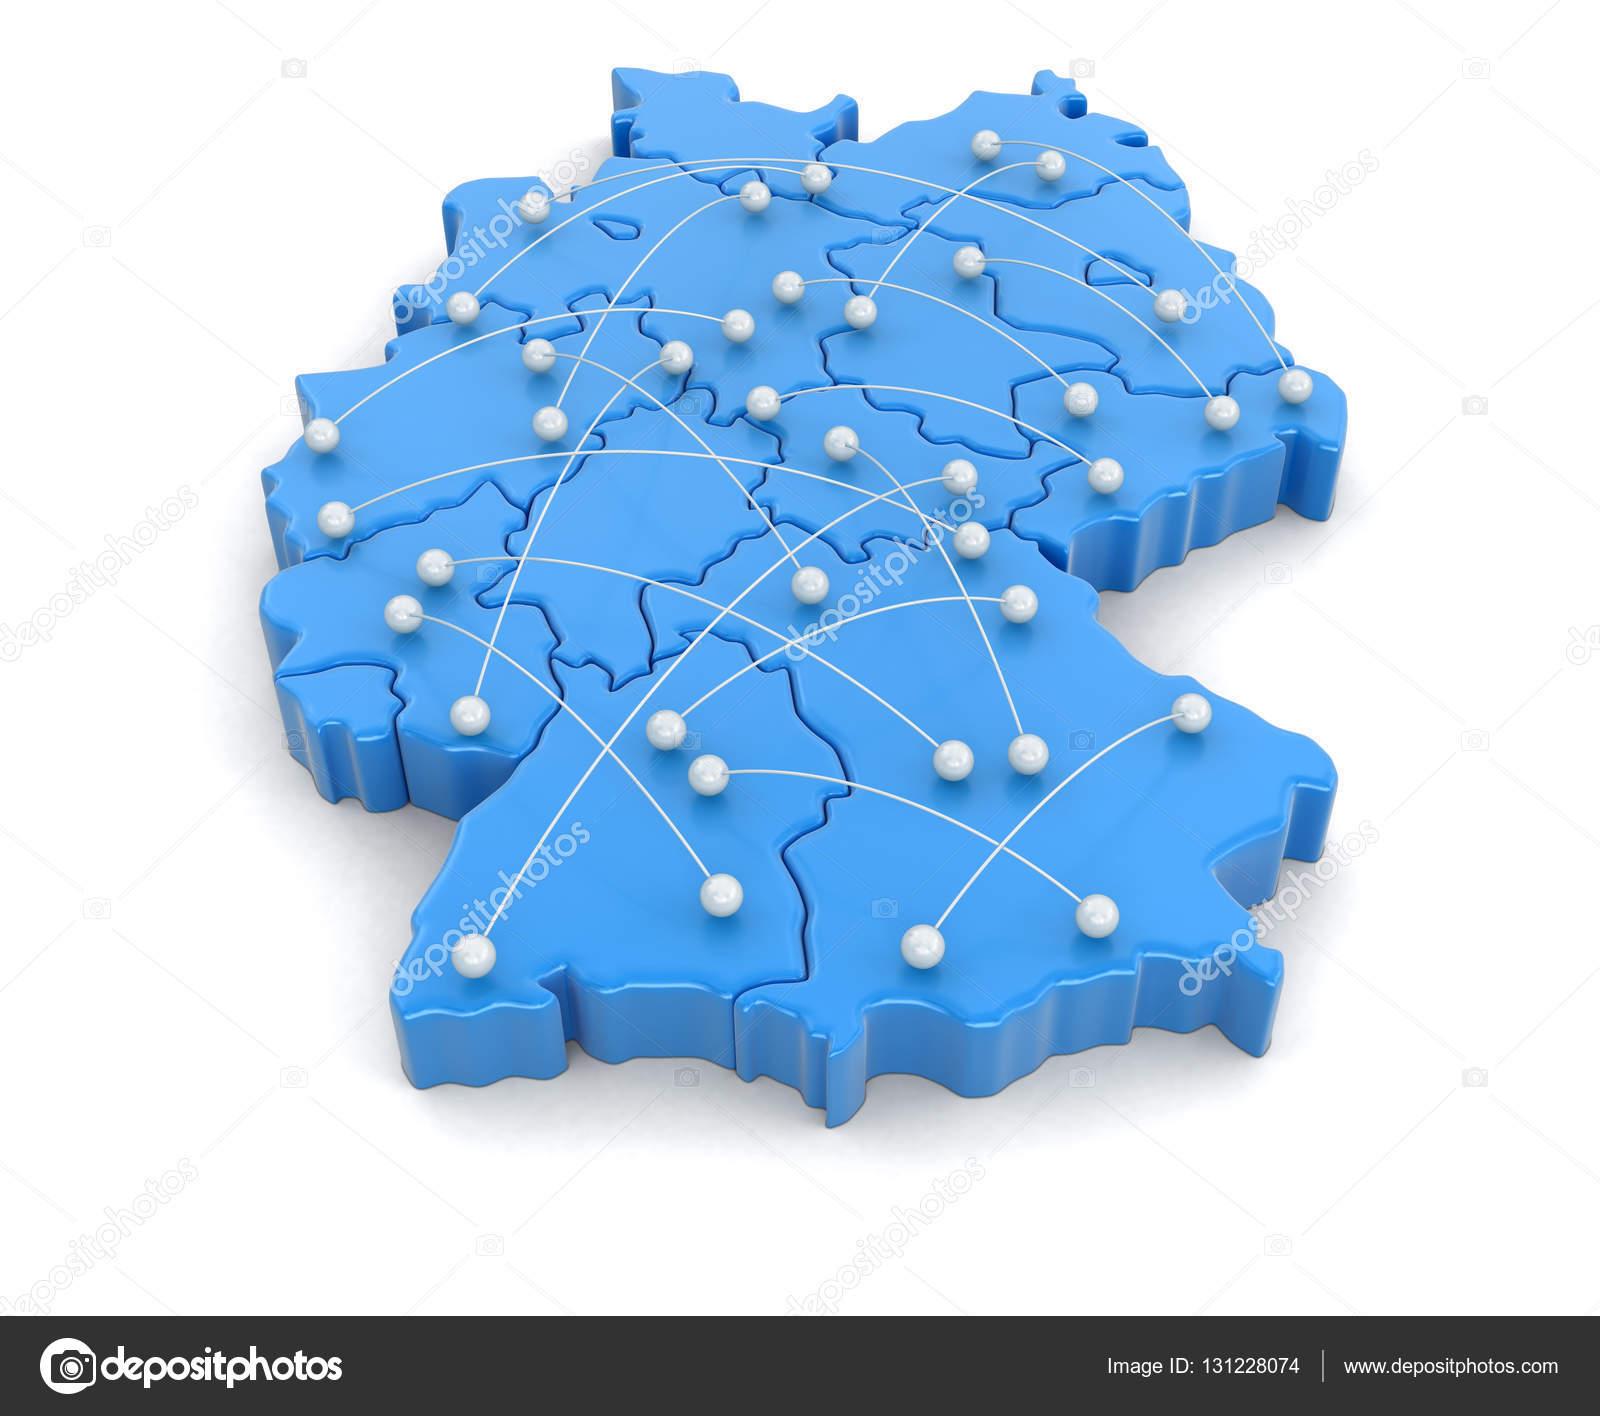 Flugrouten Karte.Karte Von Deutschland Mit Flugrouten Bild Mit